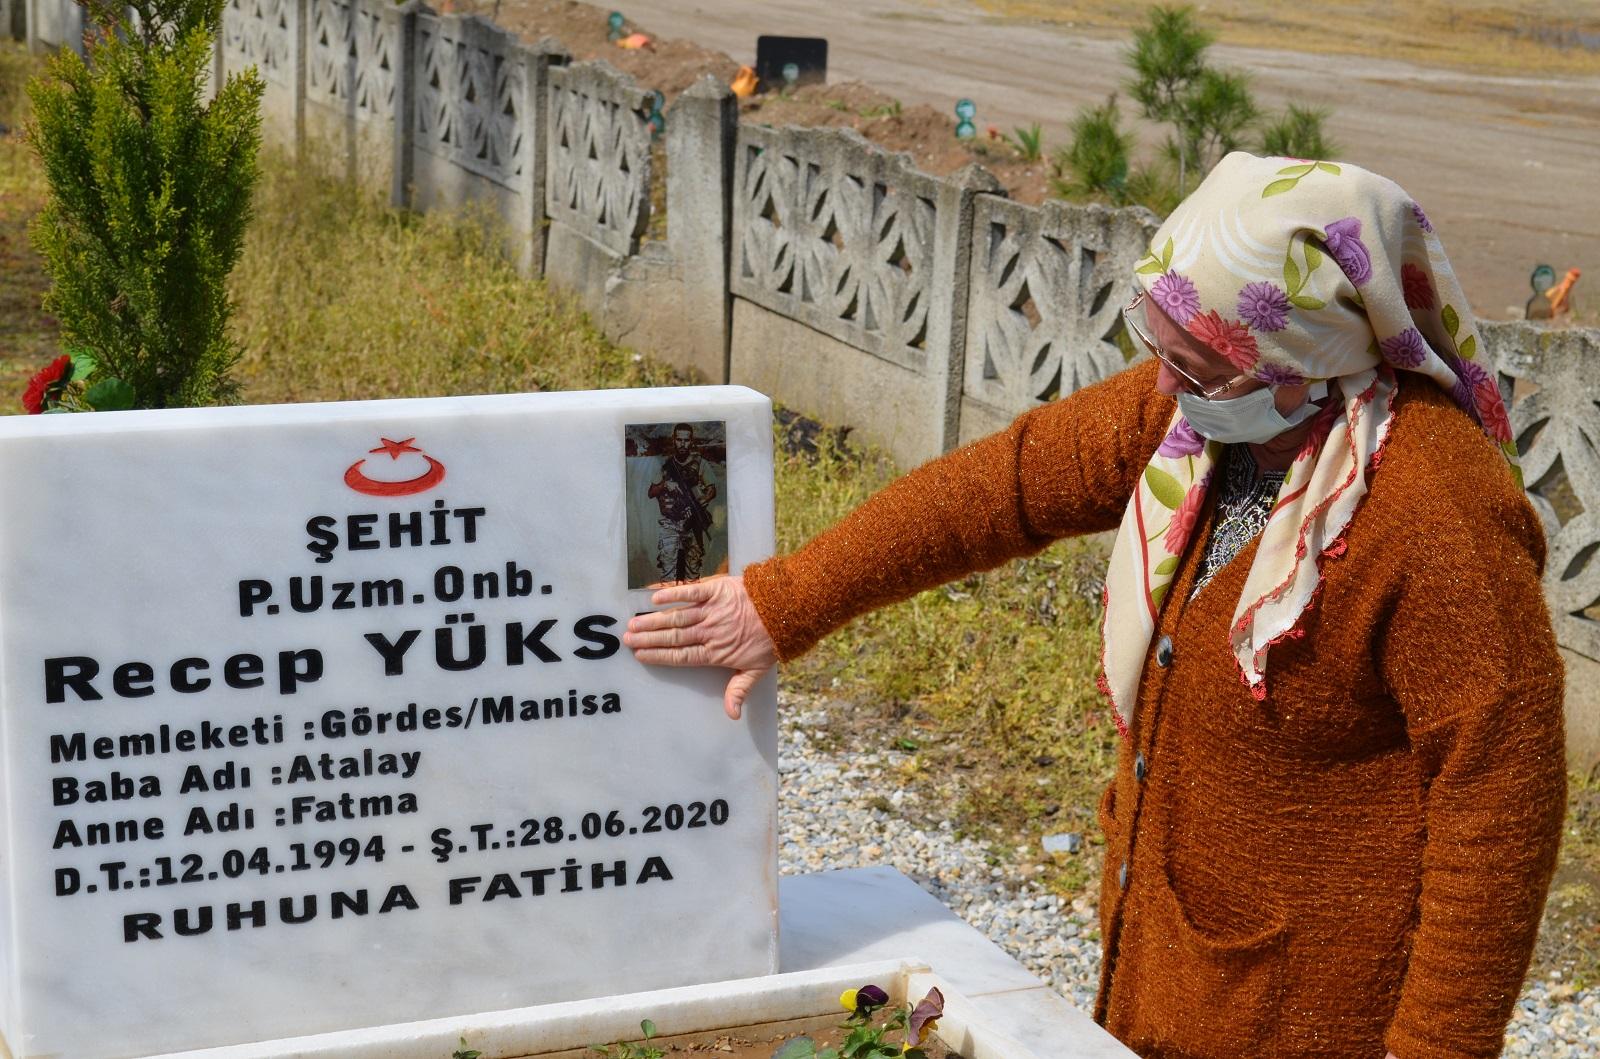 Ahmetli'de Çanakkale Zaferin'in 106. Yılında Şehitler Dualarla Anıldı